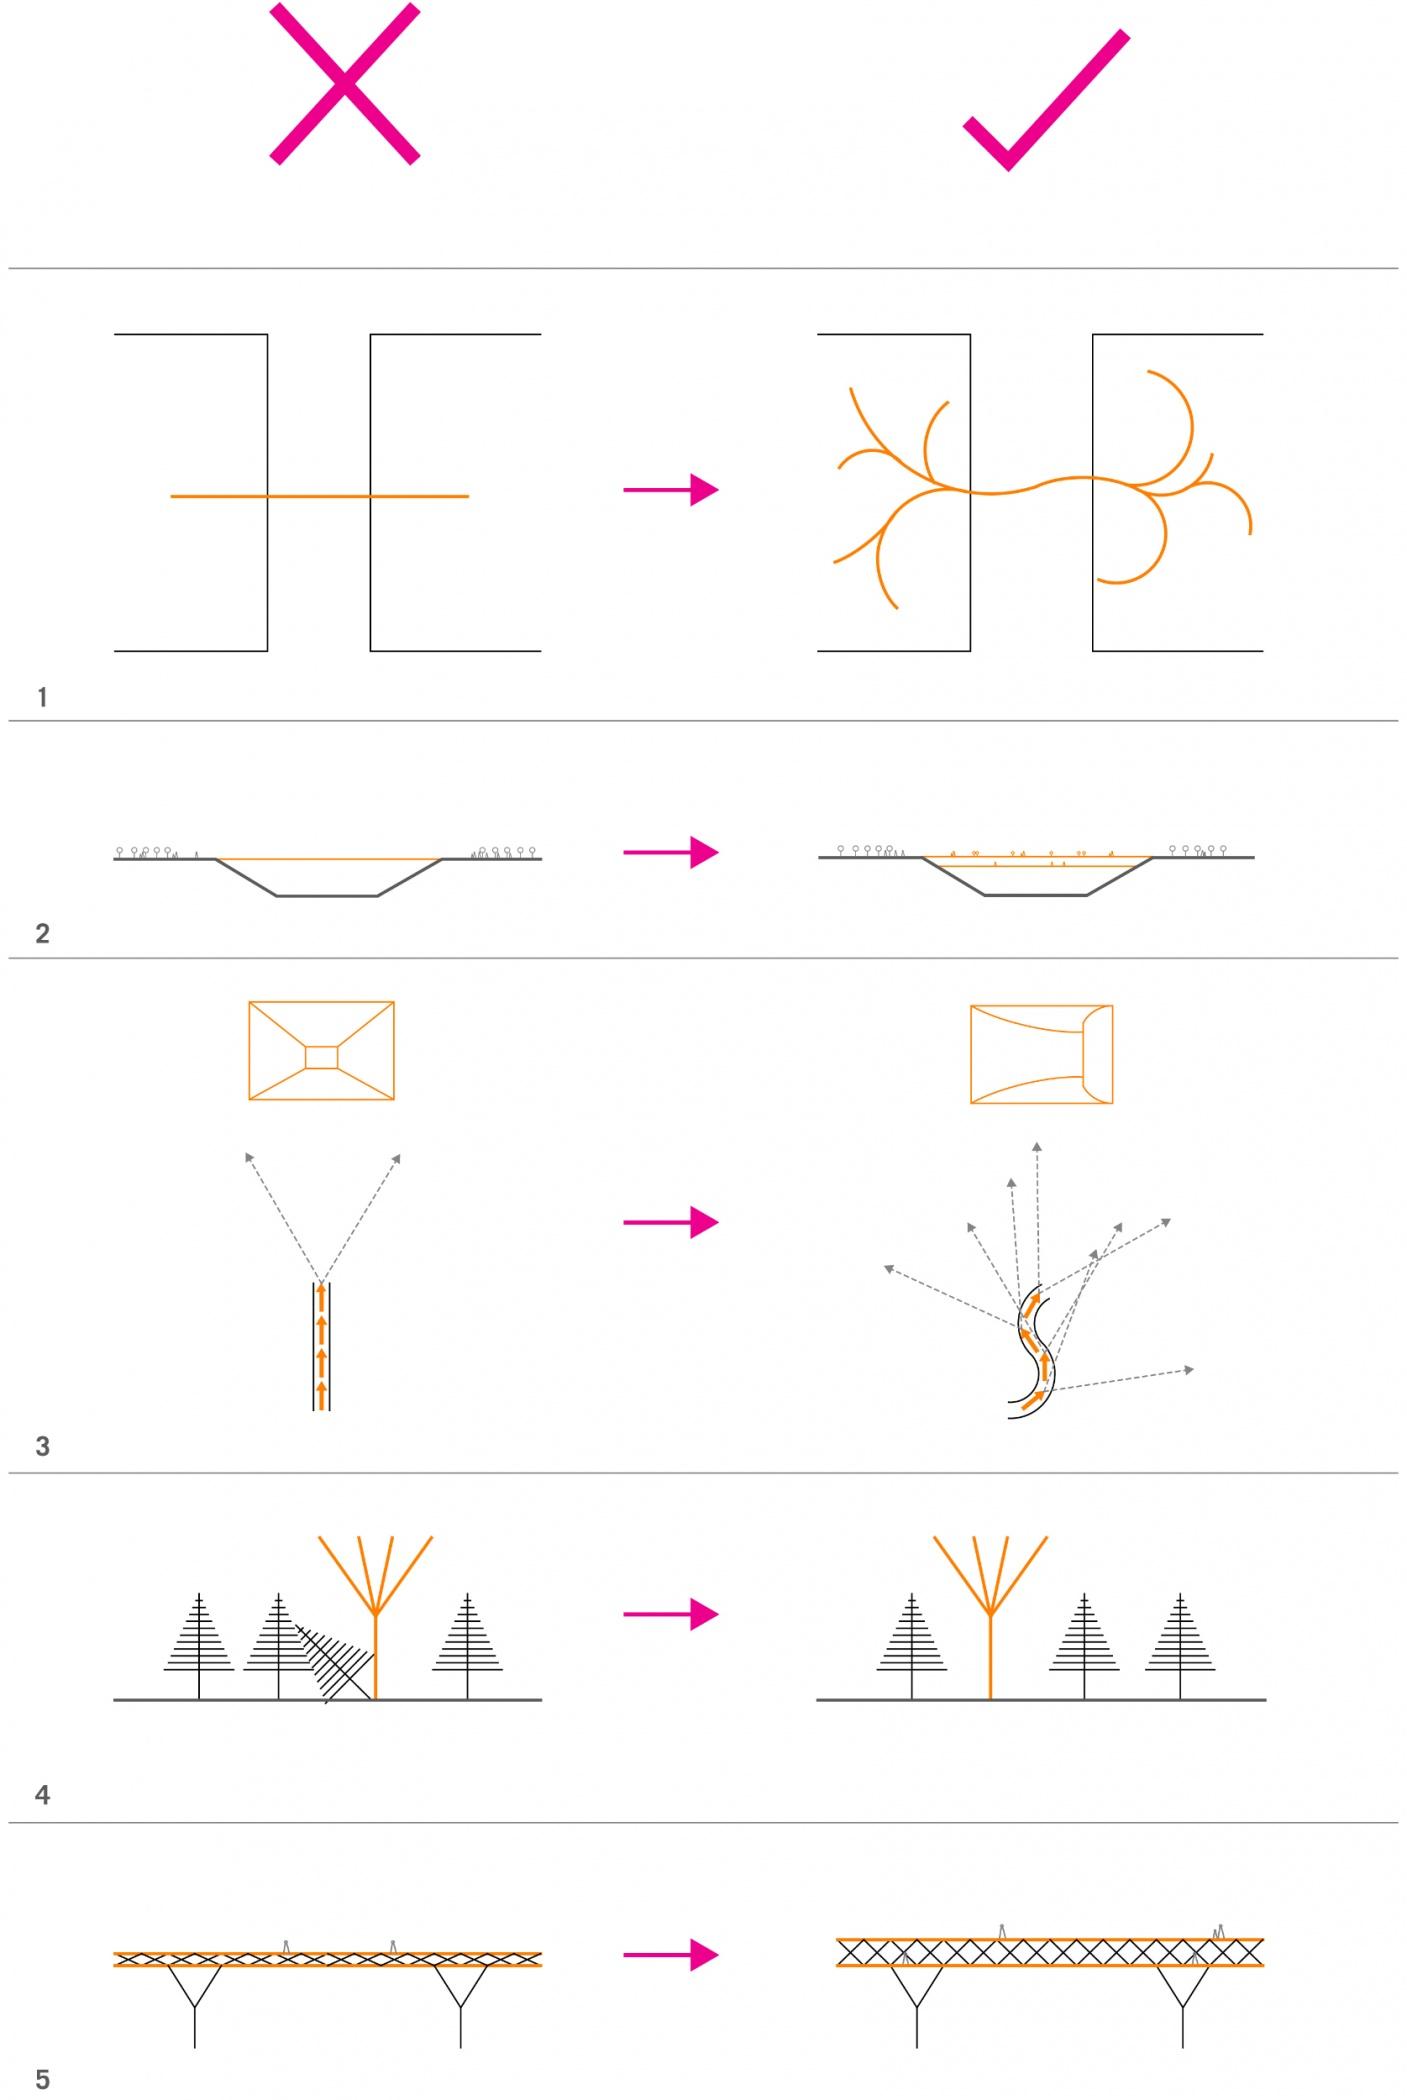 Tabiat_Bridge_Diagrams